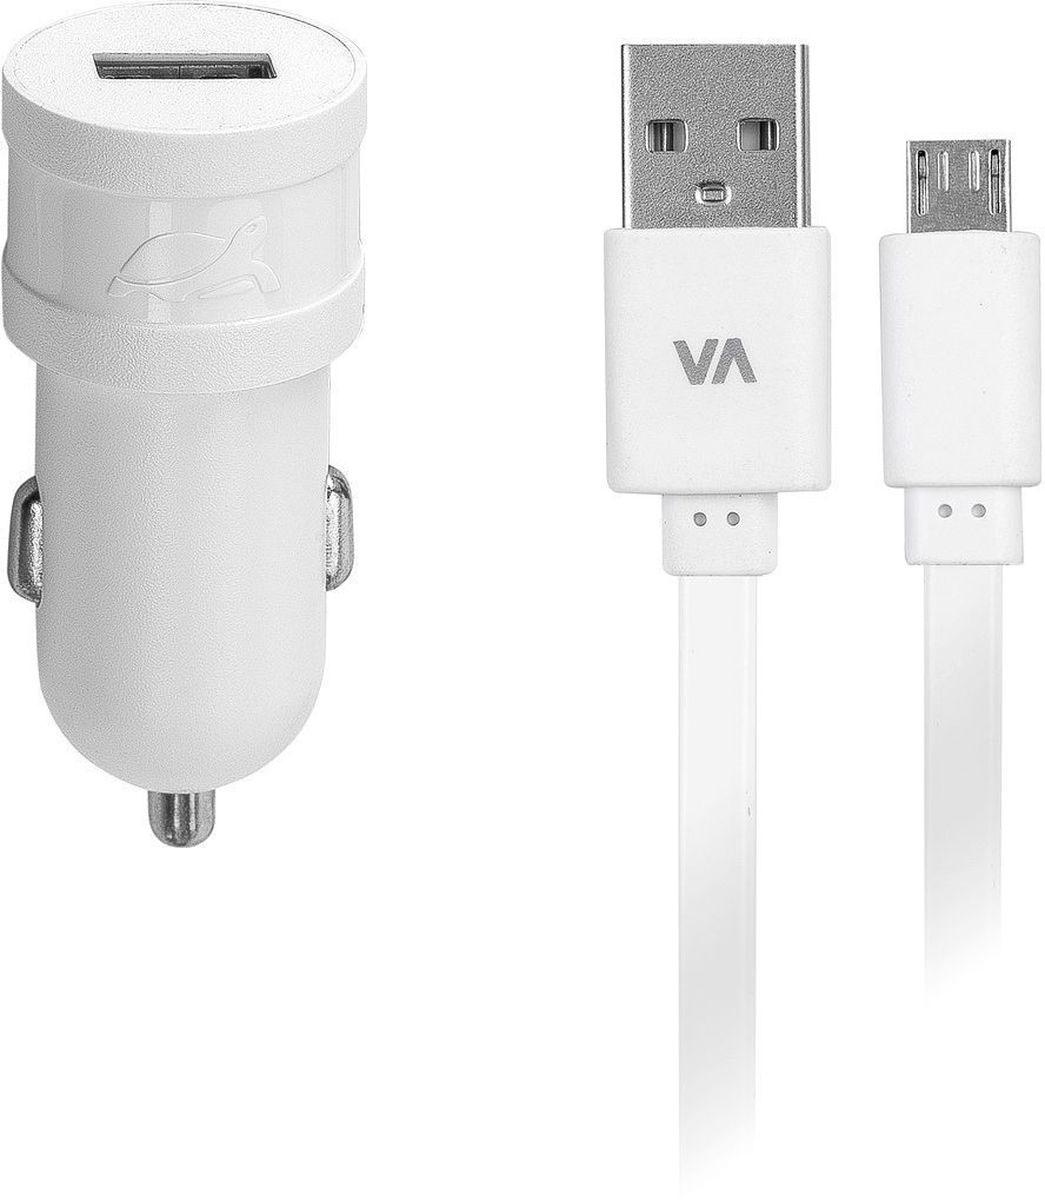 Rivapower VA4211 WD1, White автомобильное зарядное устройствоVA4211 WD1Универсальное автомобильное зарядное устройство Rivapower VA4211 BD1 совместимо совсеми устройствами,использующими USB порт для зарядки своих аккумуляторов. Высококачественныекомпоненты, встроенныефильтры, защита от скачков напряжения, защита от перегрузки, перегрева и короткогозамыкания делаютпроцесс зарядки быстрым, эффективным и безопасным. Корпус сделан из негорючегопластика, устойчивого кмеханическим повреждениям.Ультра компактные размеры зарядного устройства позволяют использовать его даже вавтомобилях сограниченным пространством вокруг автомобильного разъема электропитания. В комплектвходит дата-кабель microUSB длиной 1 метр.